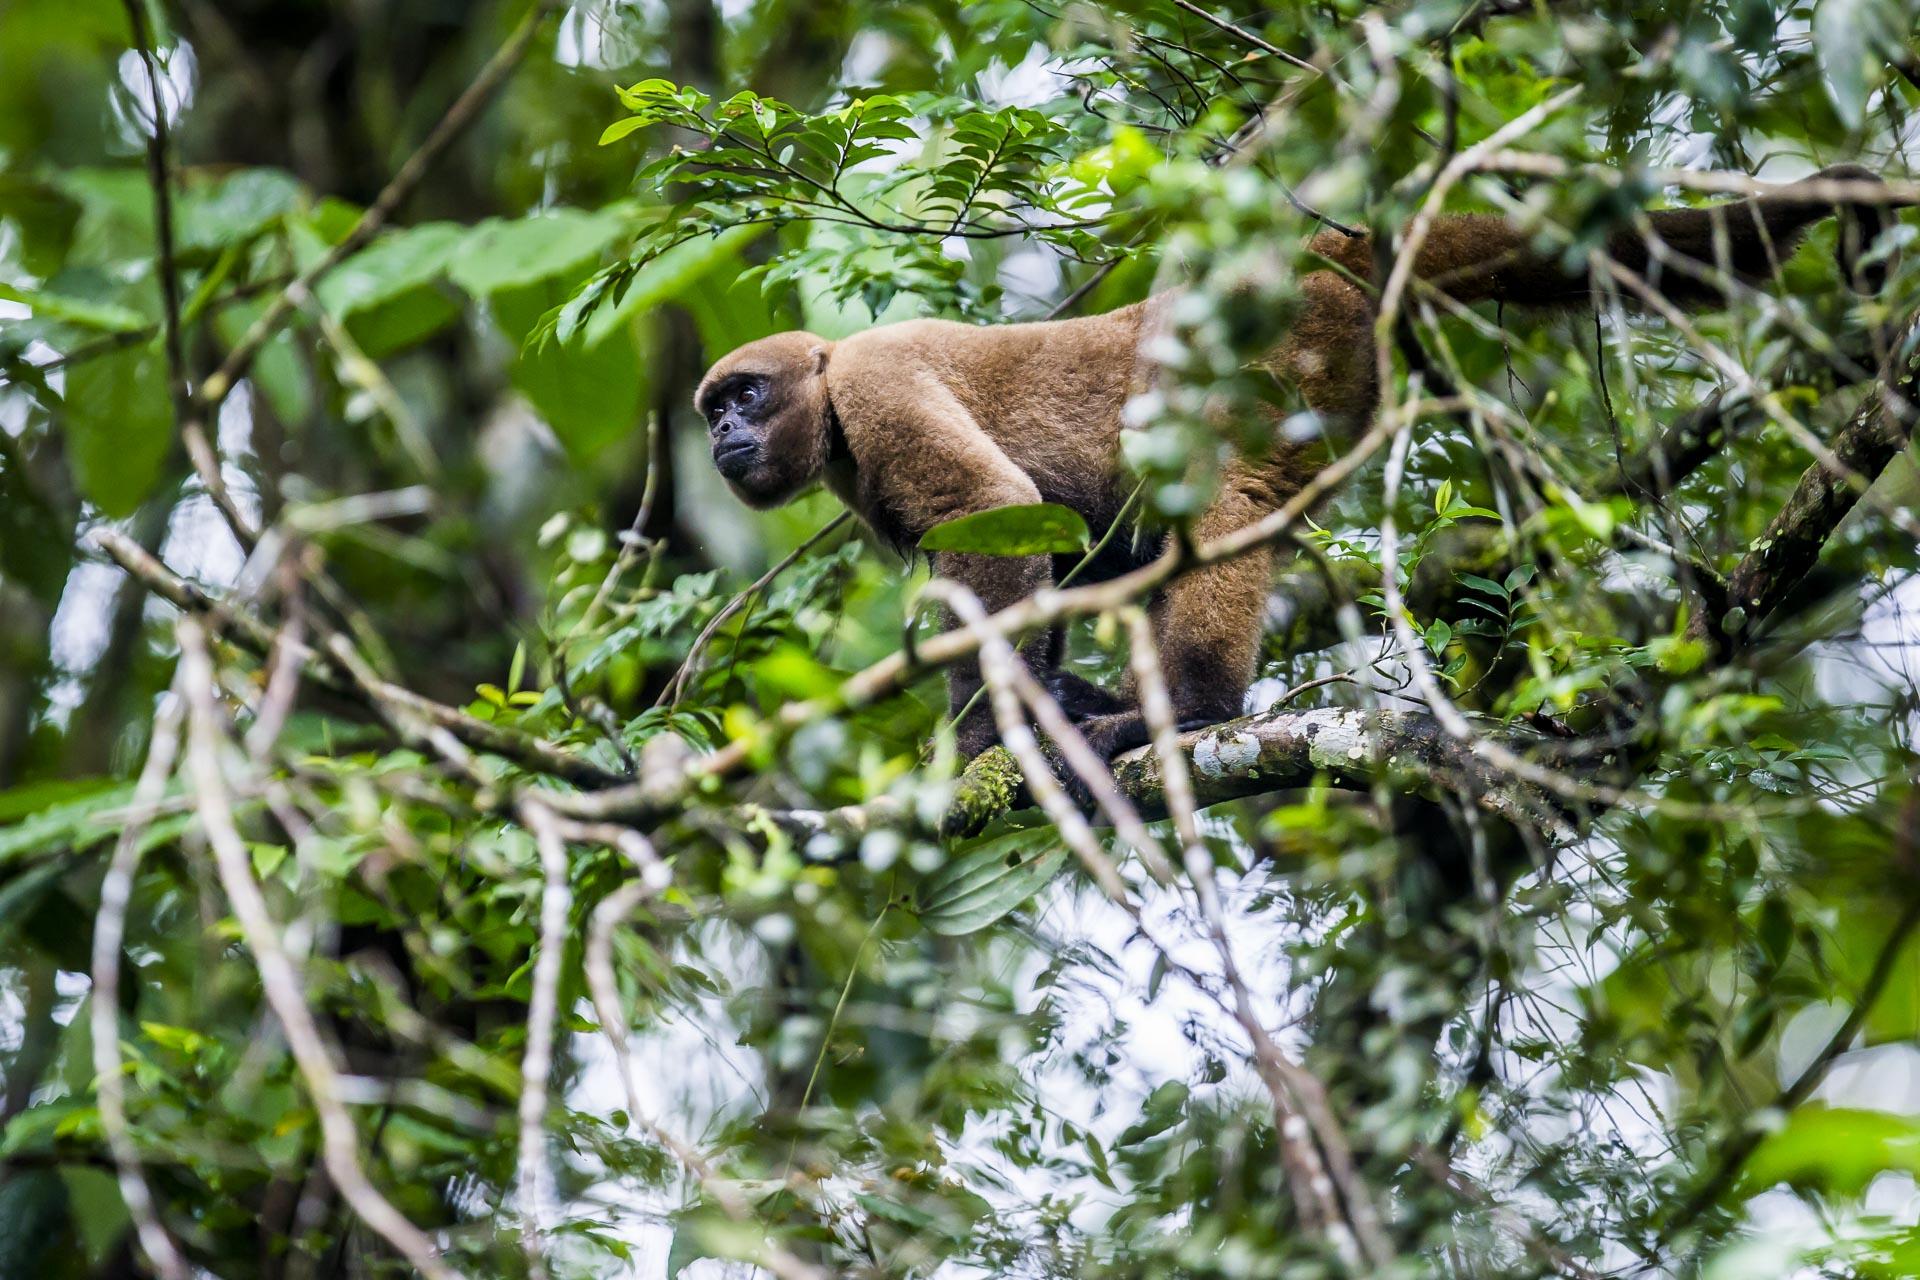 Singe laineux - Lagothrix - Amazonie - Equateur